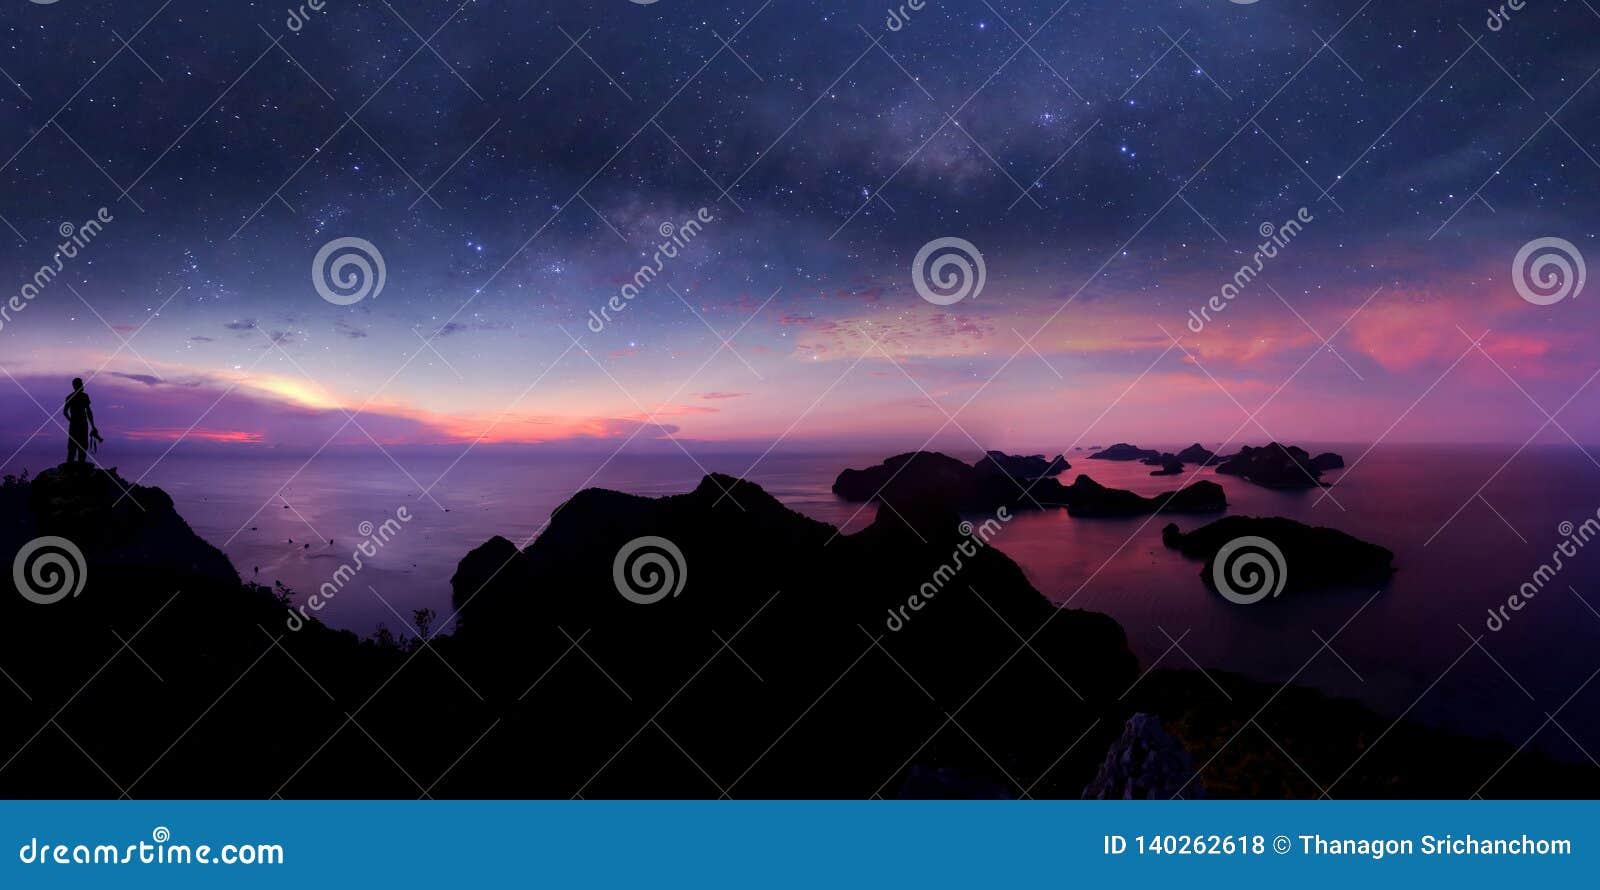 Posição do homem na montanha com opinião do panorama e milhão galáxias das estrelas